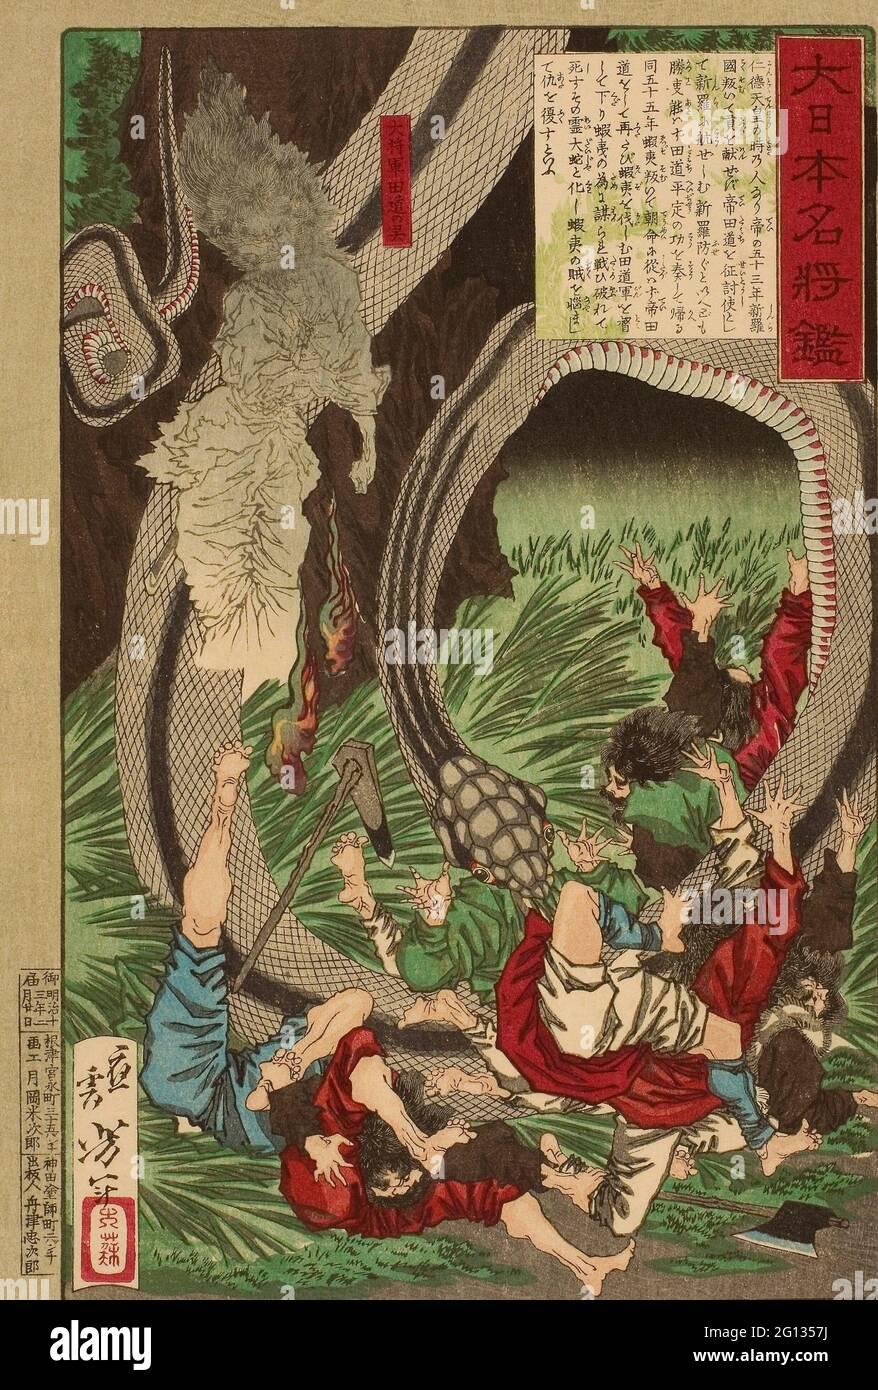 Autor: Tsukioka Yoshitoshi. Der Geist des Großen Generals Tamichi (Daishogun Tamichi no rei), aus der Serie - - EIN Spiegel berühmter Japaner Stockfoto